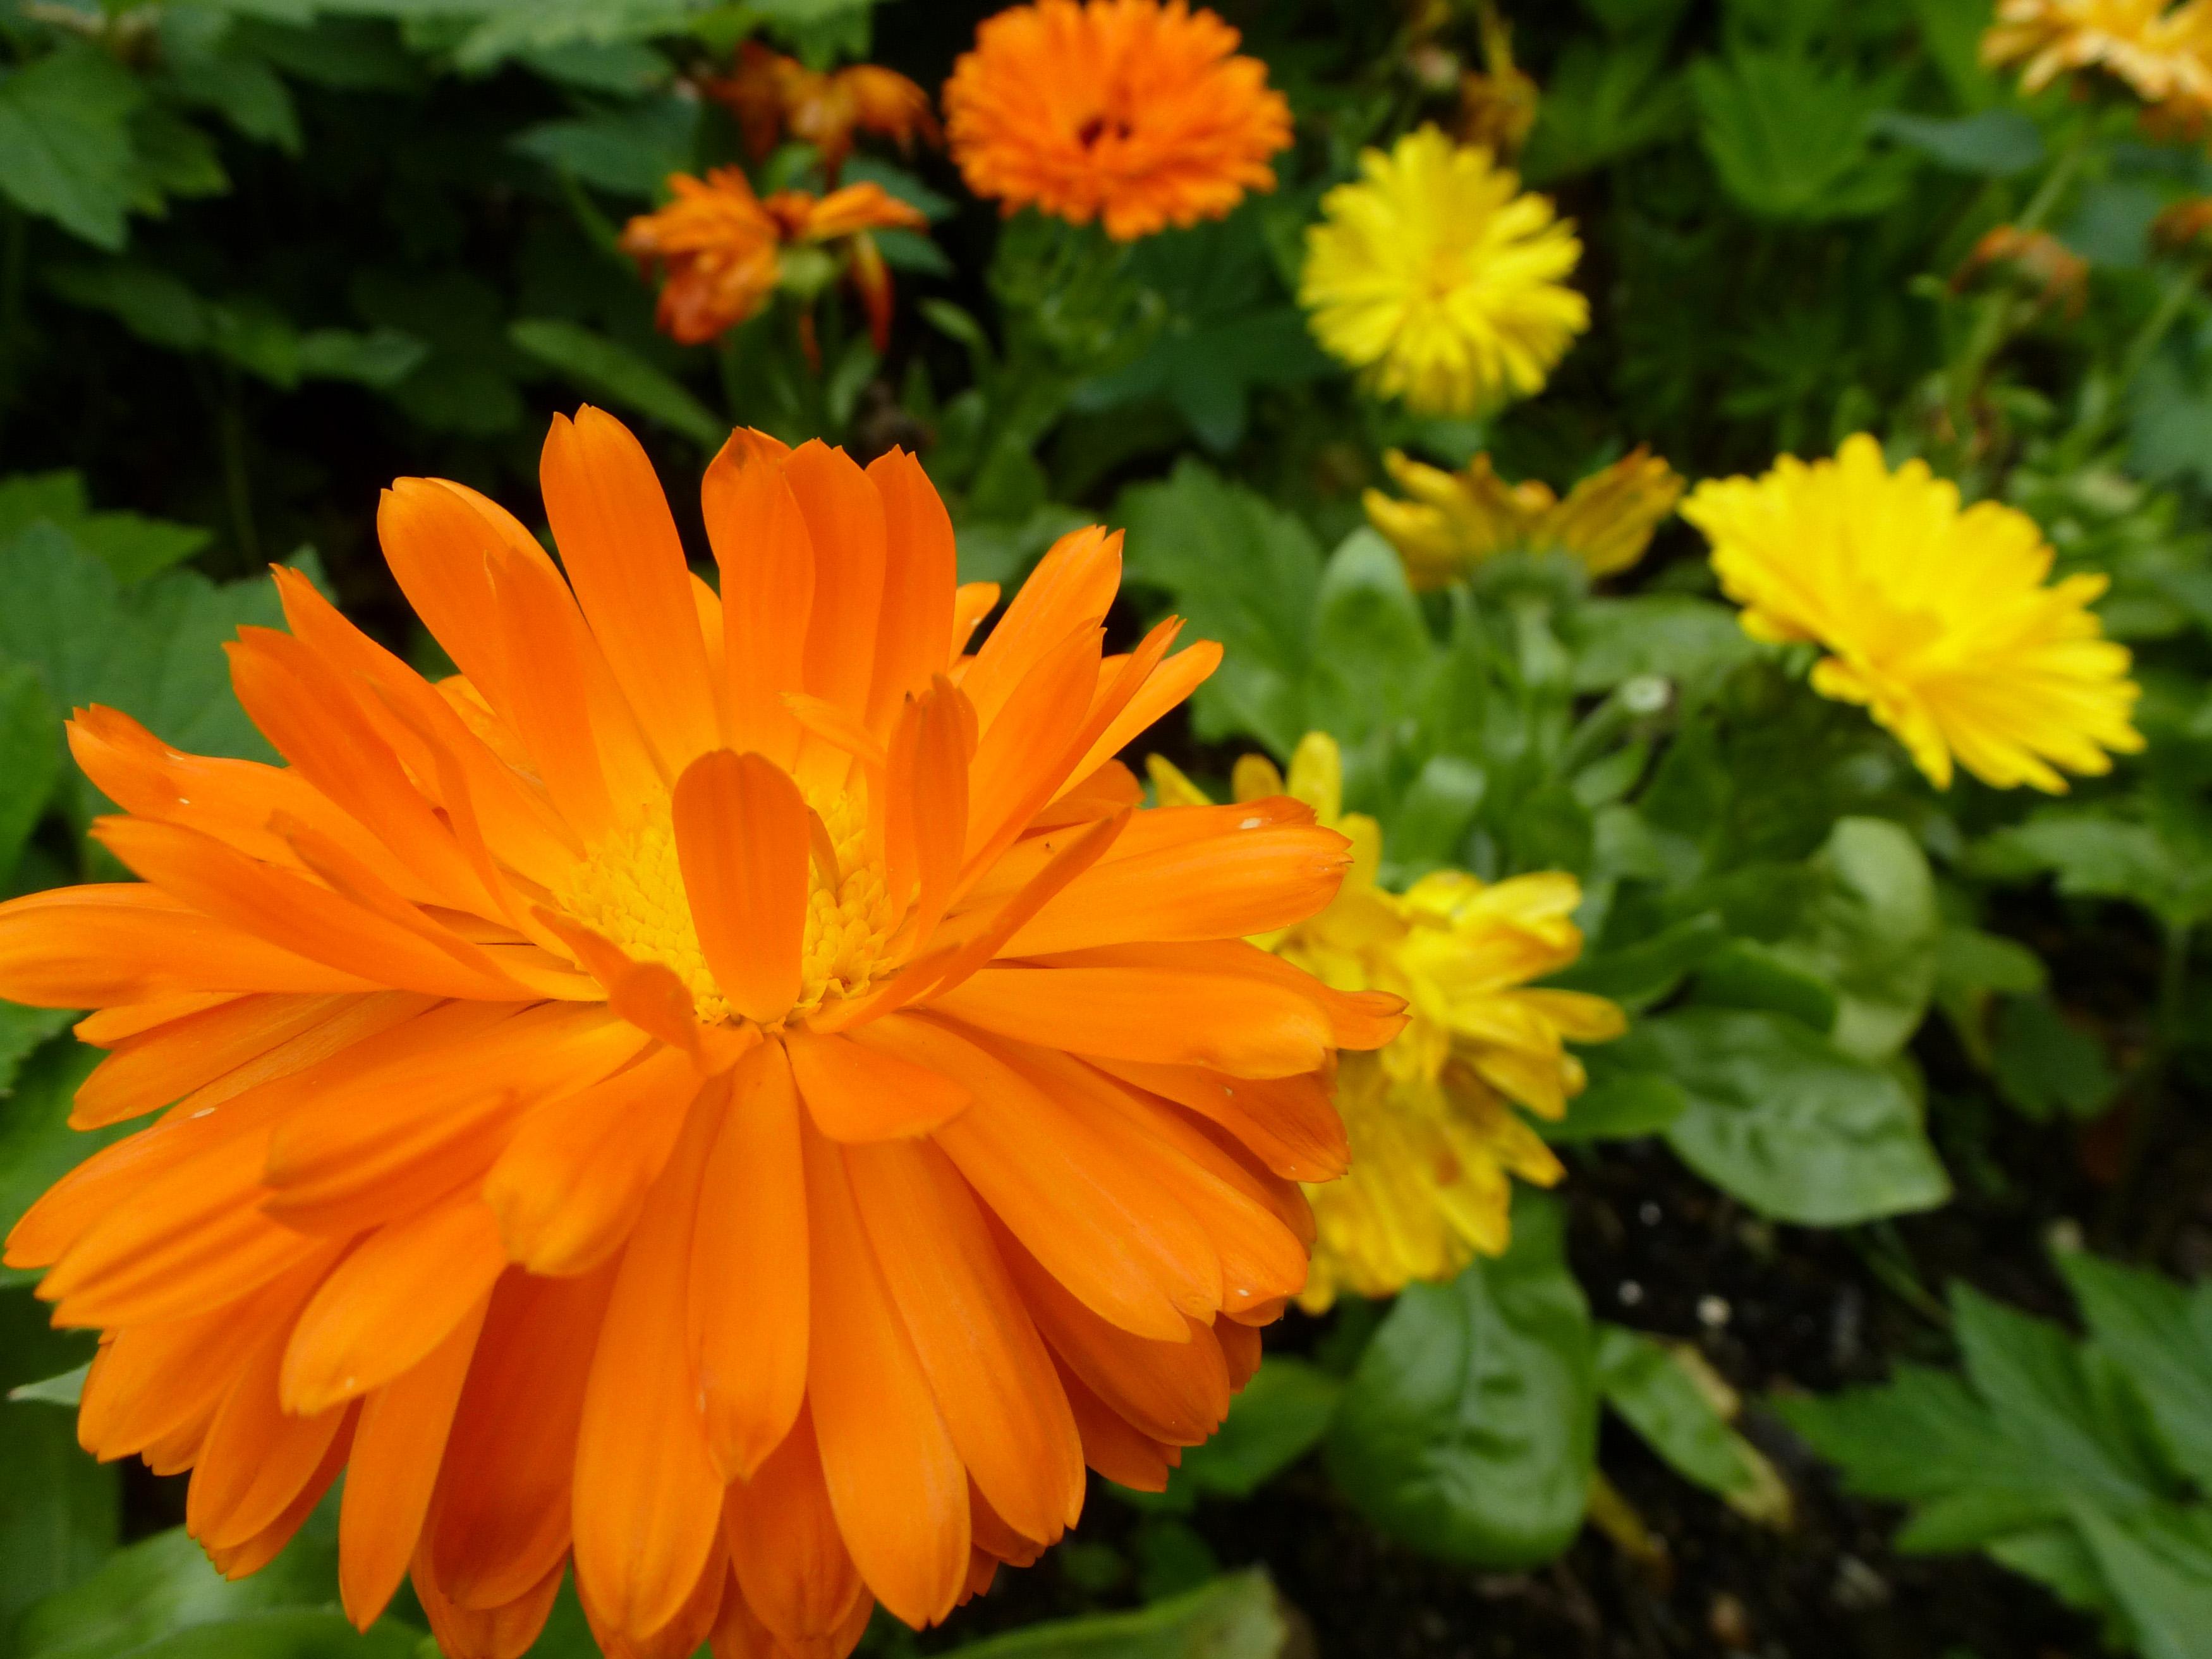 Free Image Of Large Round Daisy Flower